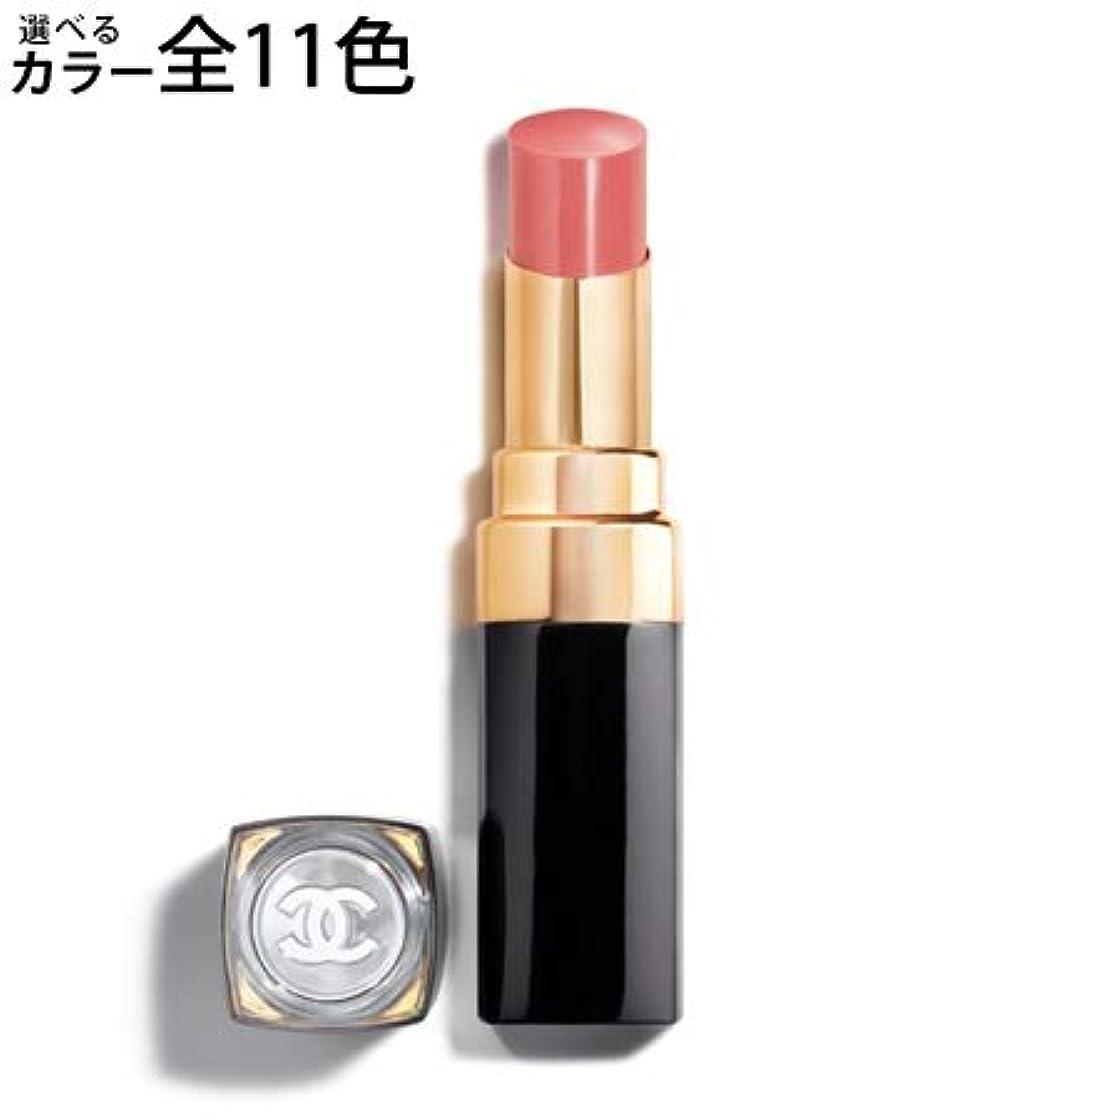 釈義ナインへ実り多いシャネル ルージュ ココ フラッシュ 選べる11色 -CHANEL- 90ジュール